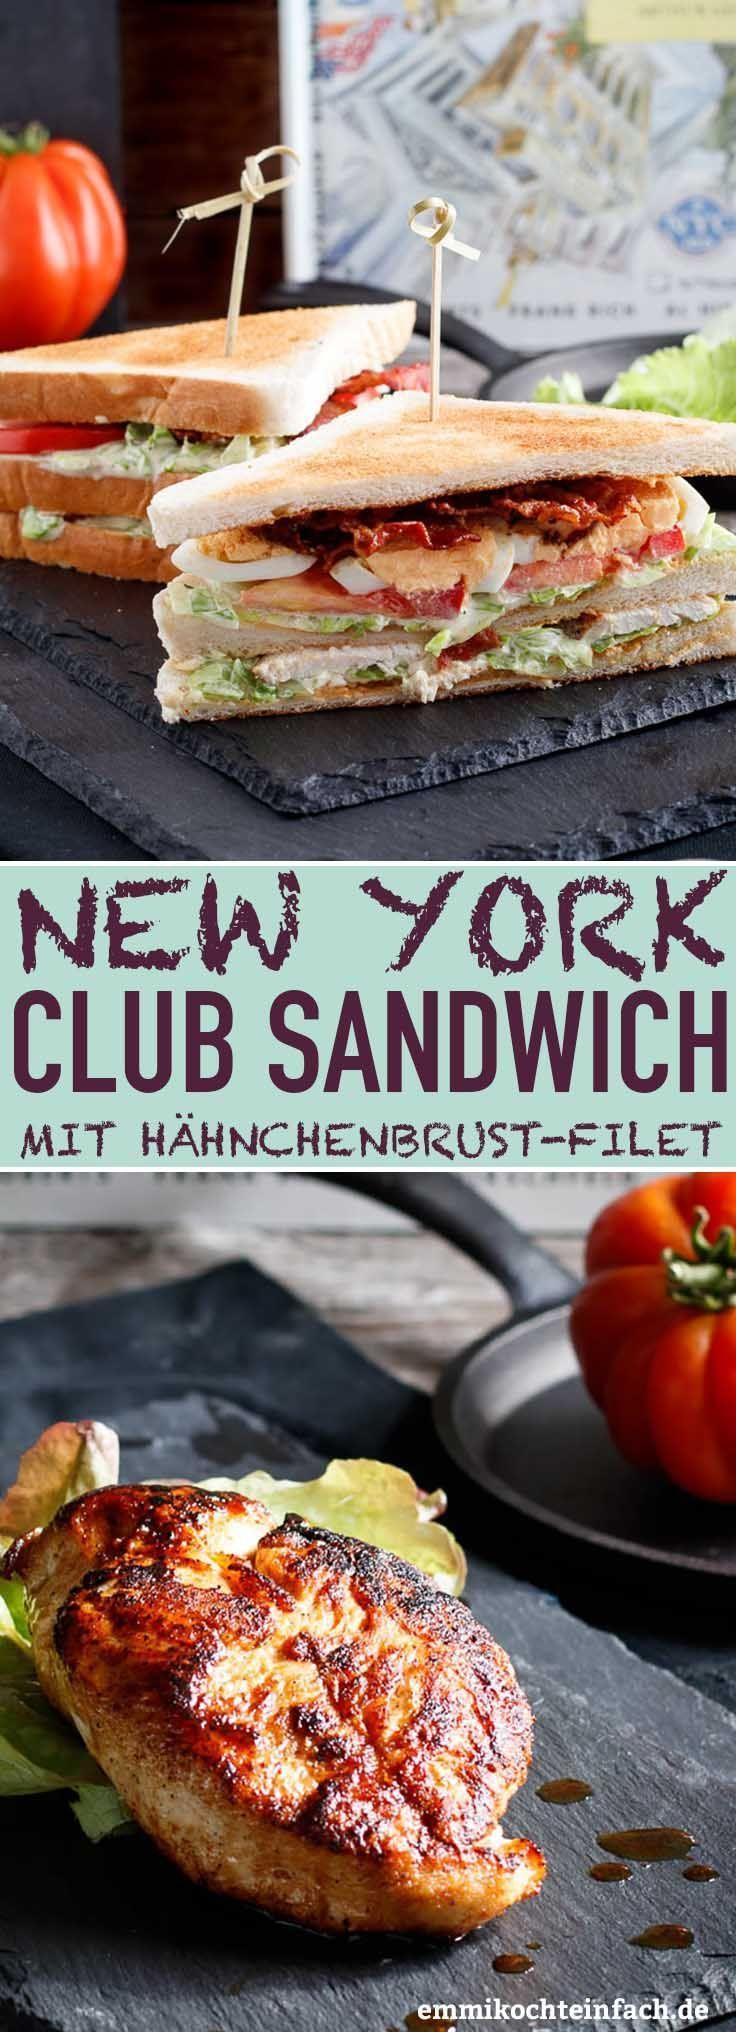 New York Club Sandwich - so einfach und lecker - emmikochteinfach